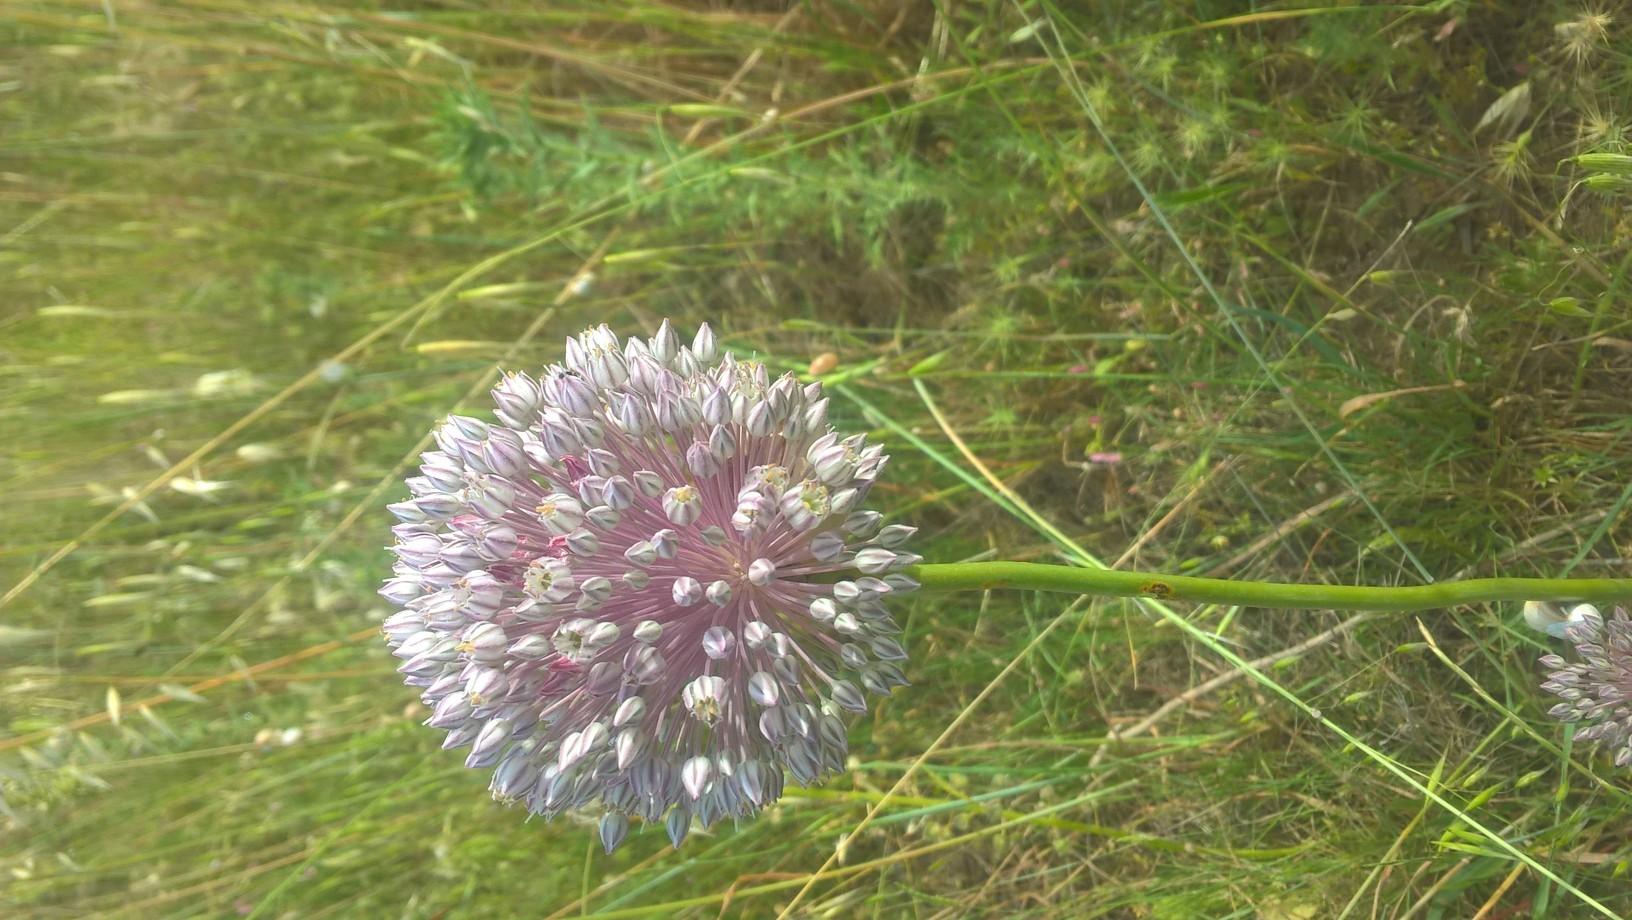 Allium ampheloplasum